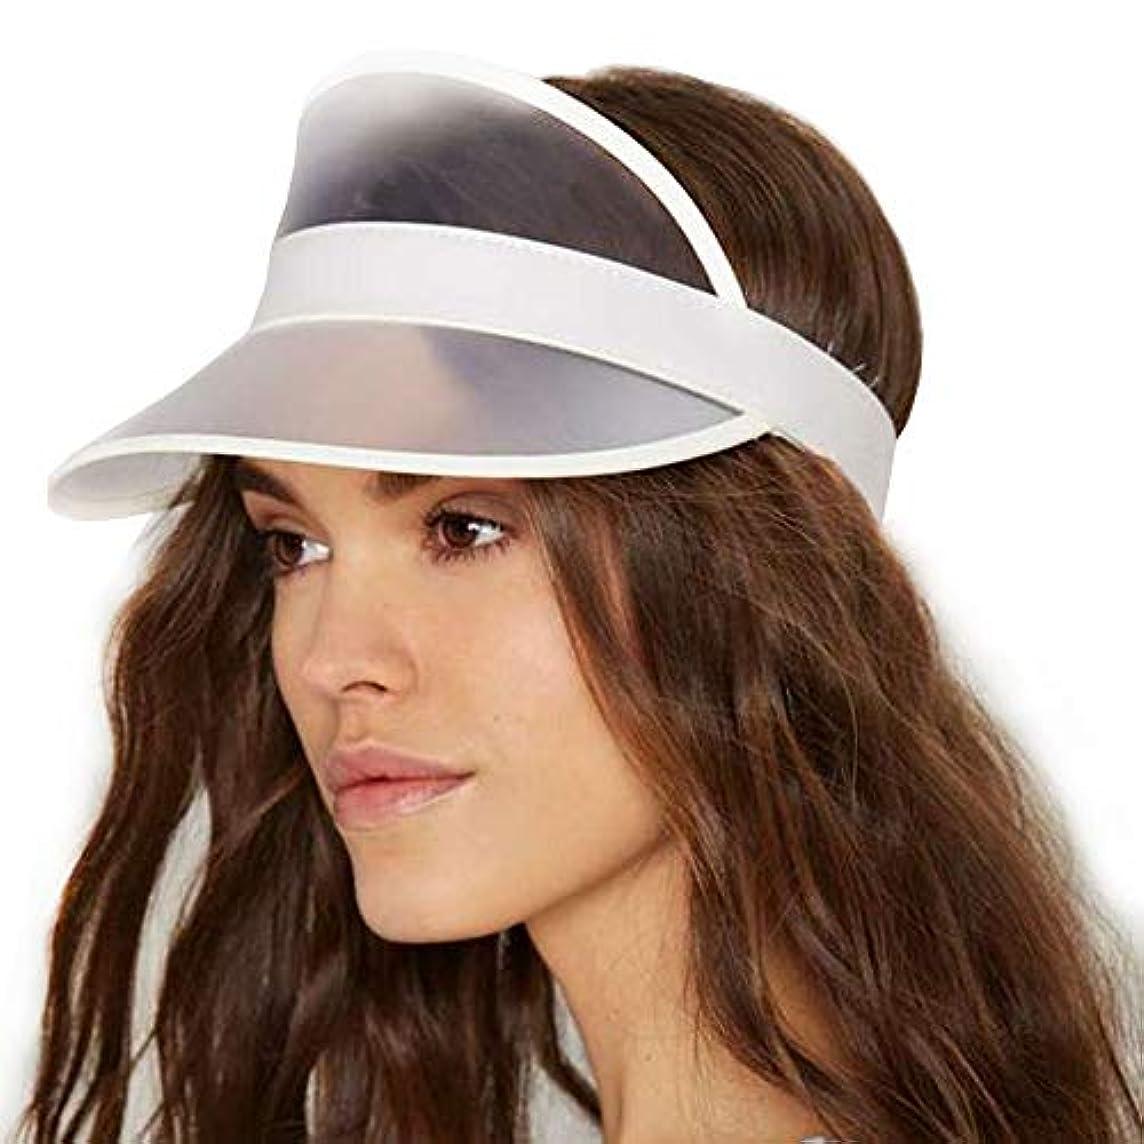 外部楽しいガムサンバイザー レディース レインハット レインバイザー 自転車 キャップ UVカット UPF50+ 紫外線対策 日焼け対策 つば広 ワイド おしゃれ 帽子 (透明)